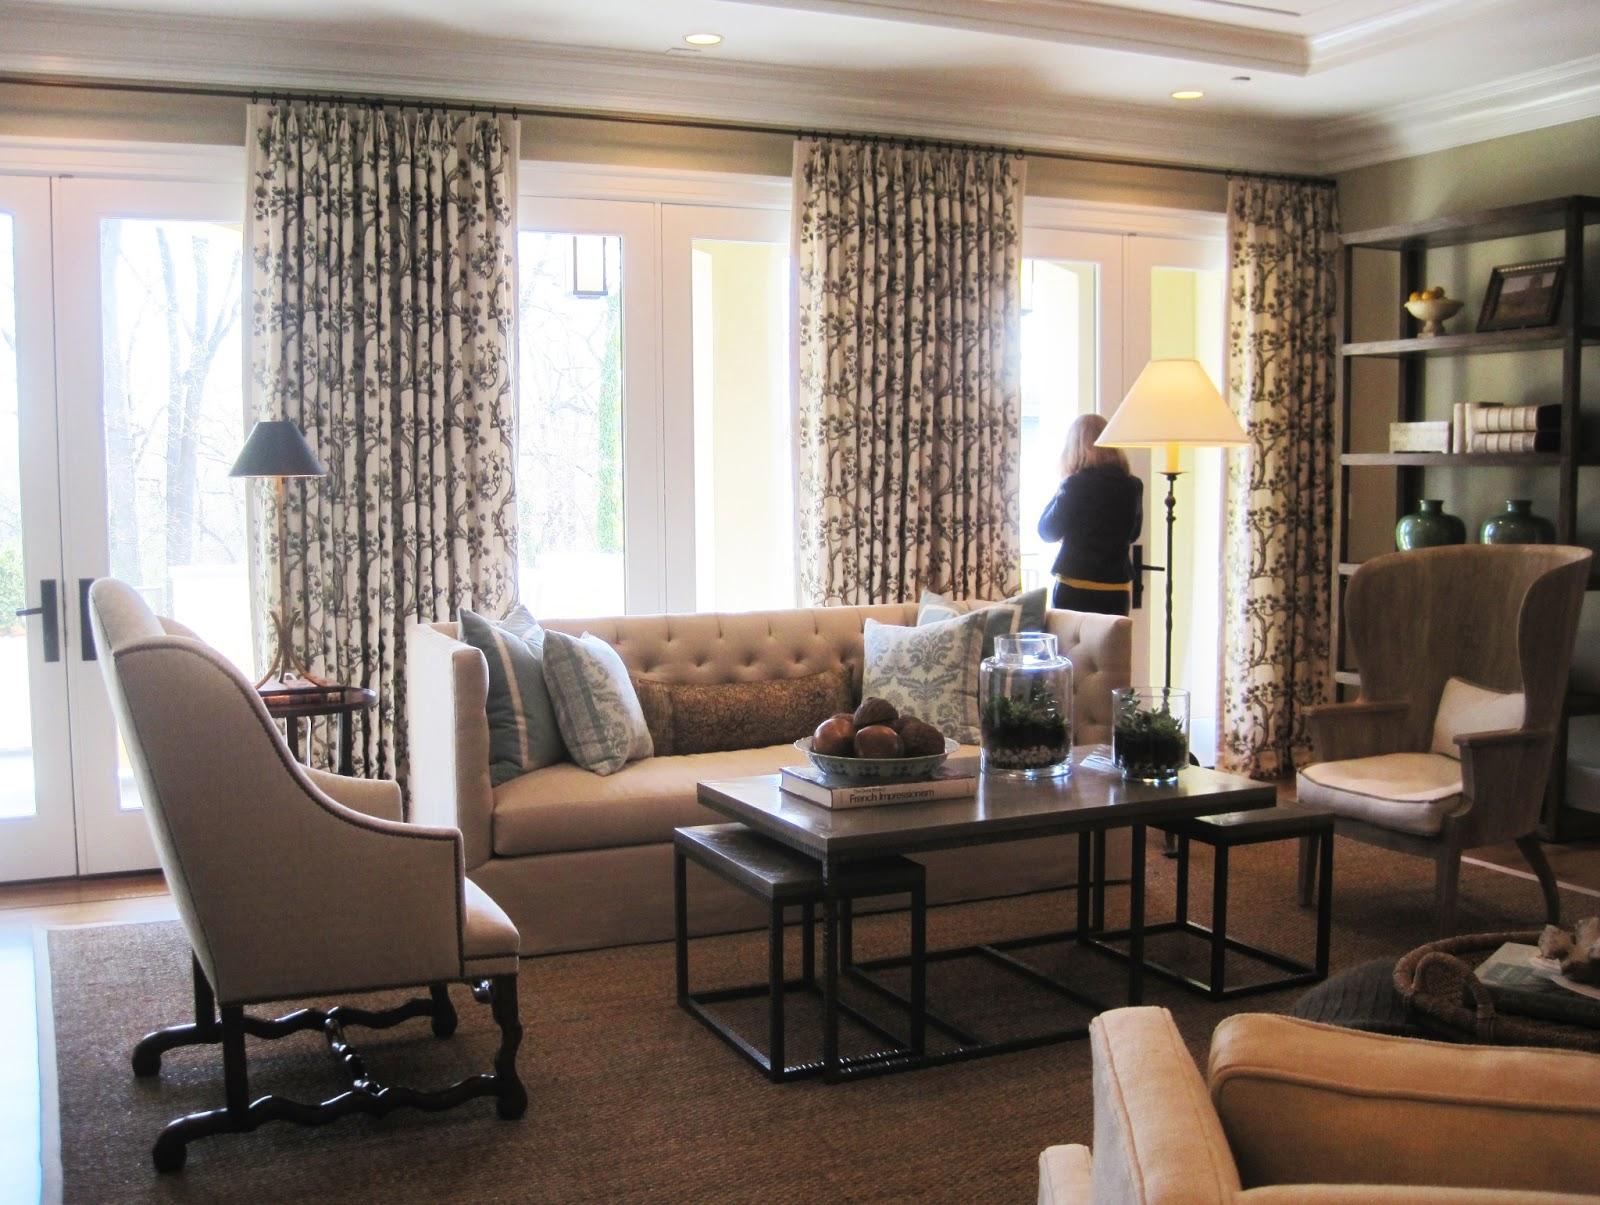 architect design 2013 dc design house. Black Bedroom Furniture Sets. Home Design Ideas